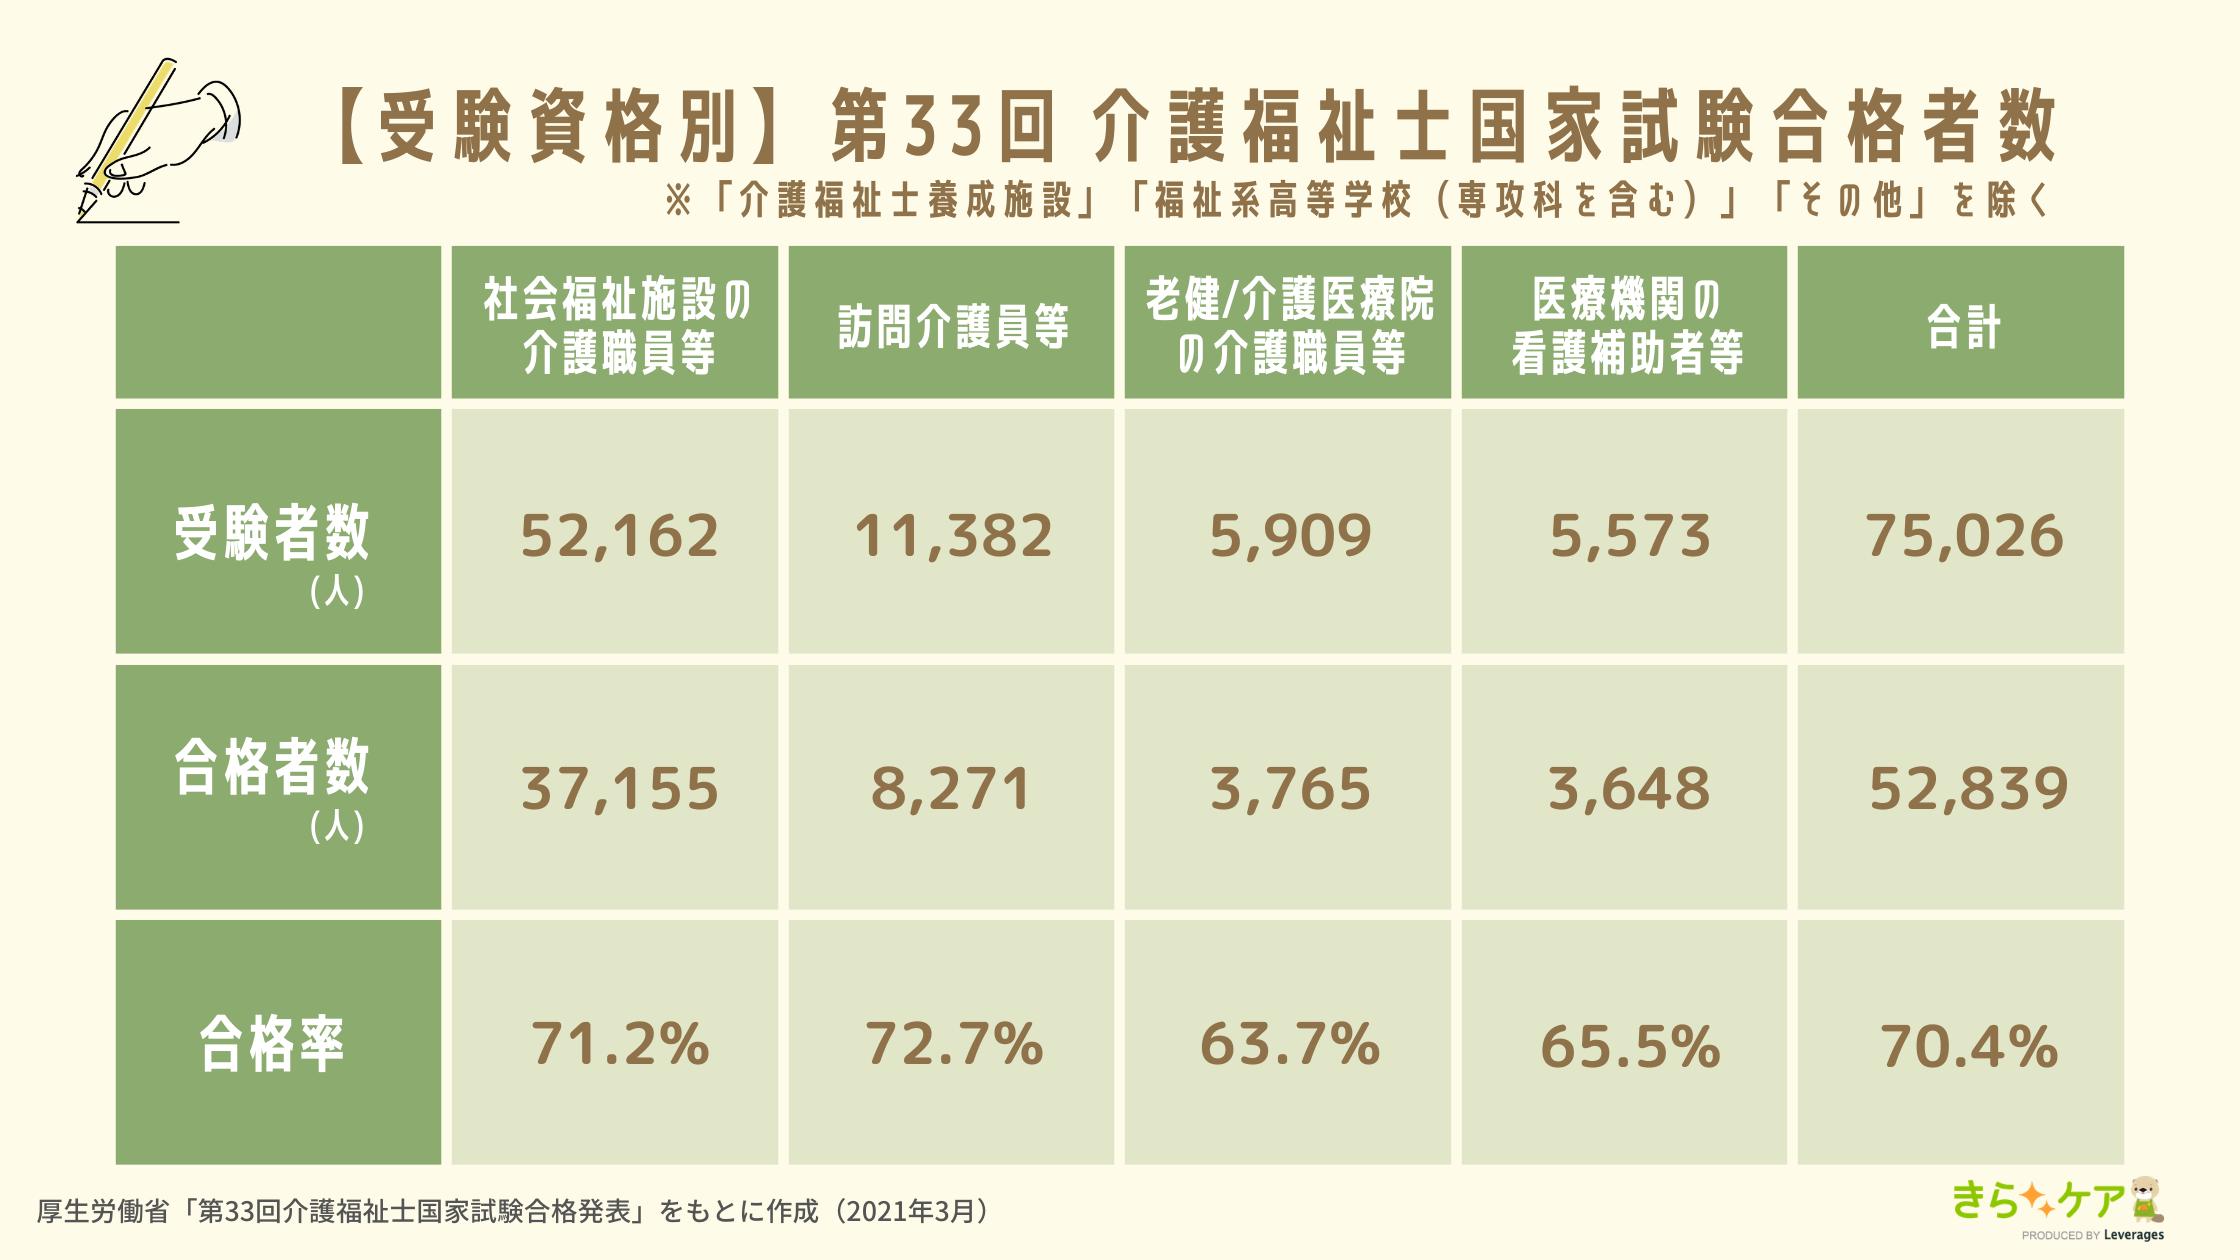 受験資格別介護福祉士国家試験合格率